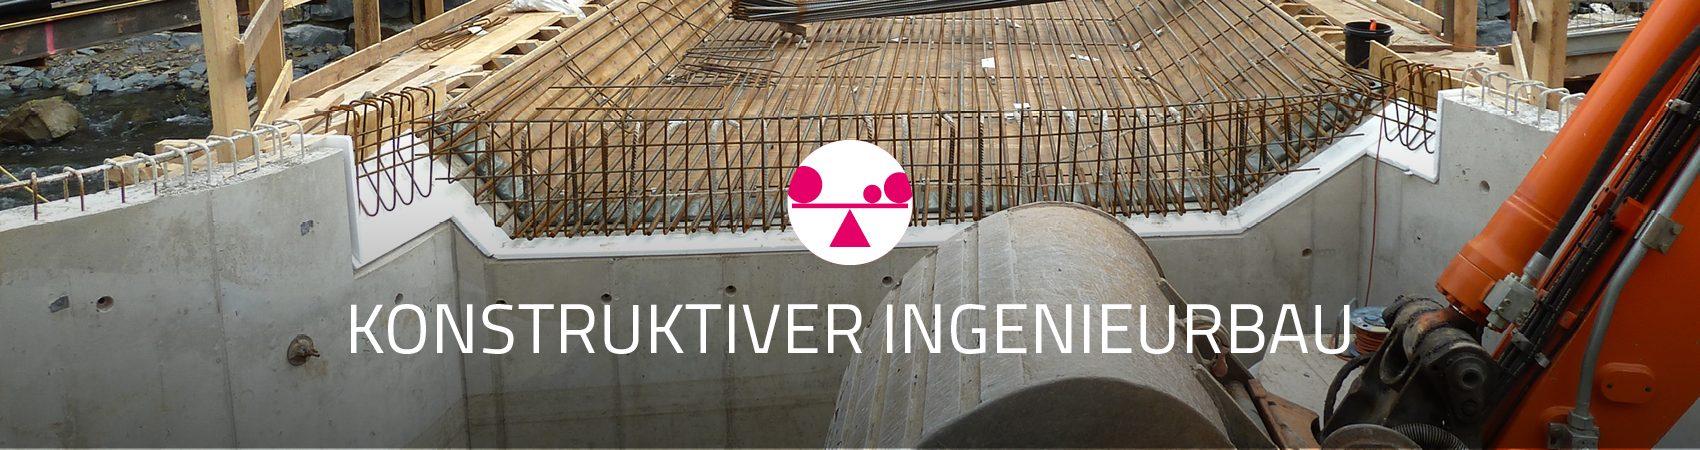 Konstruktiver Ingenieurbau - Projektwerk